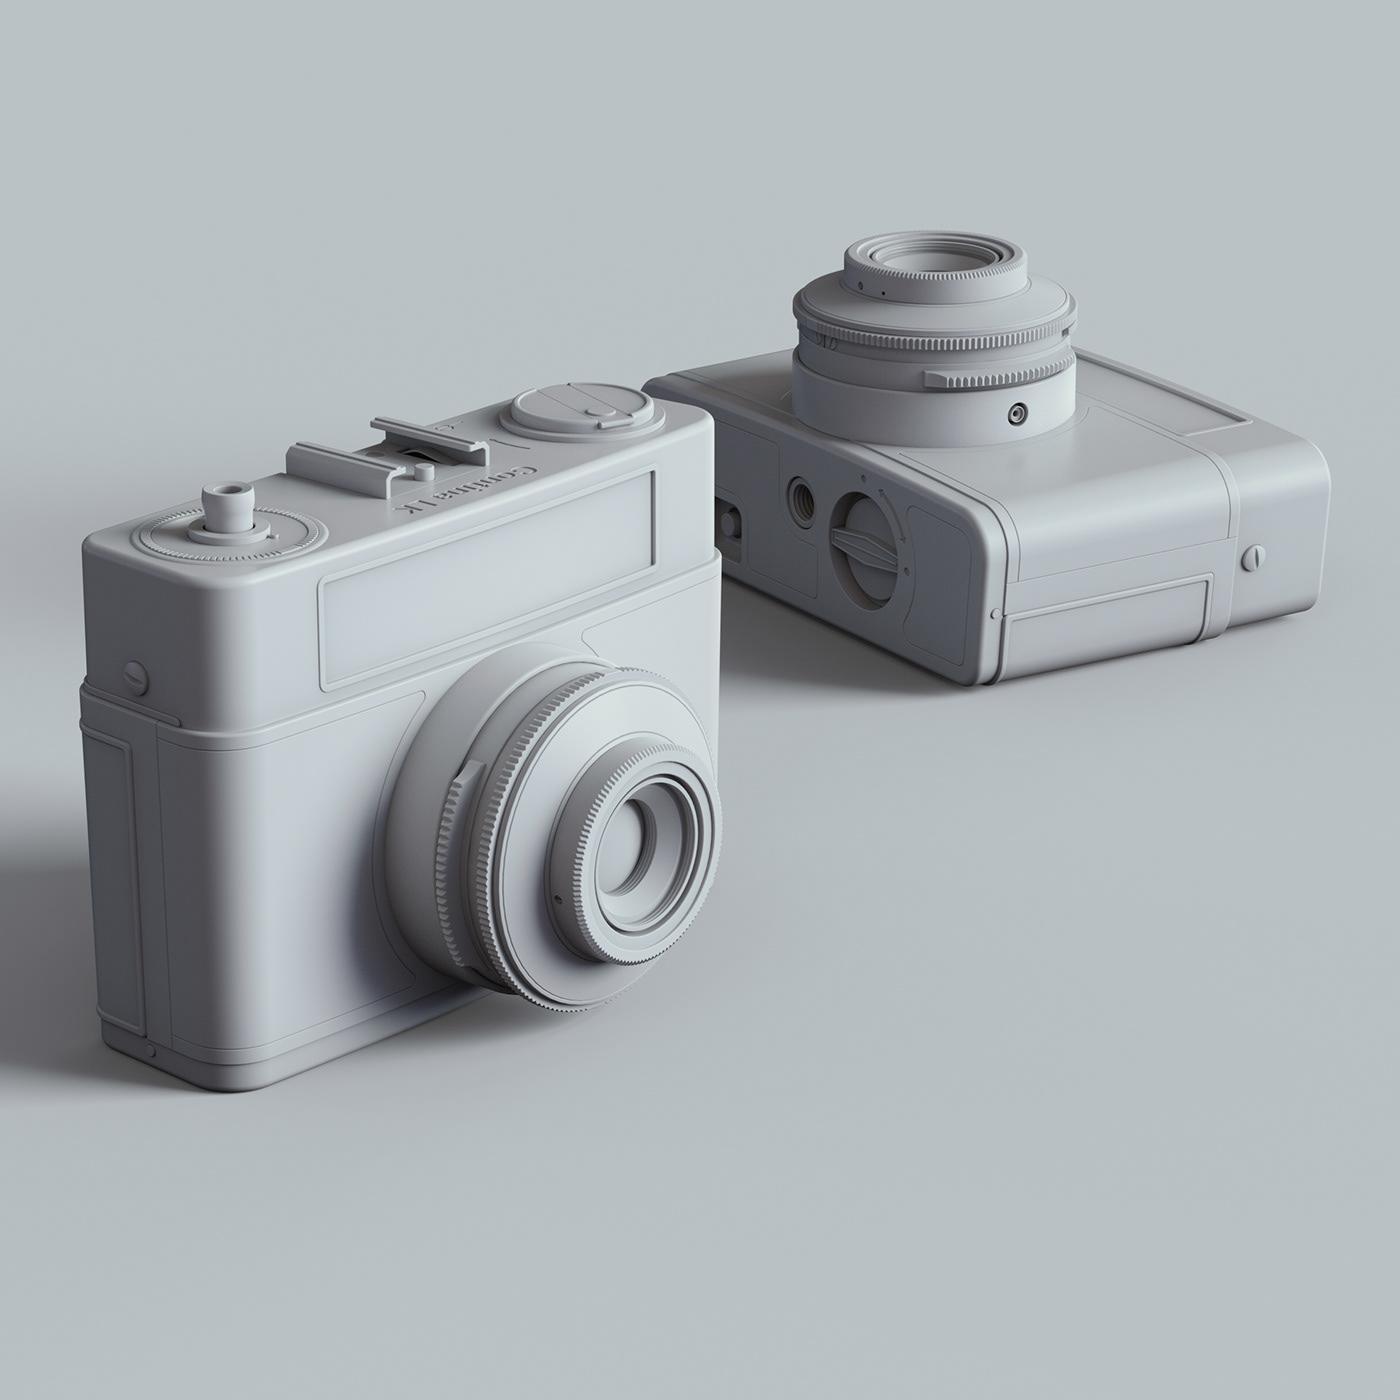 camera keyshot rendering 3D Render photorealism materials CGI Education